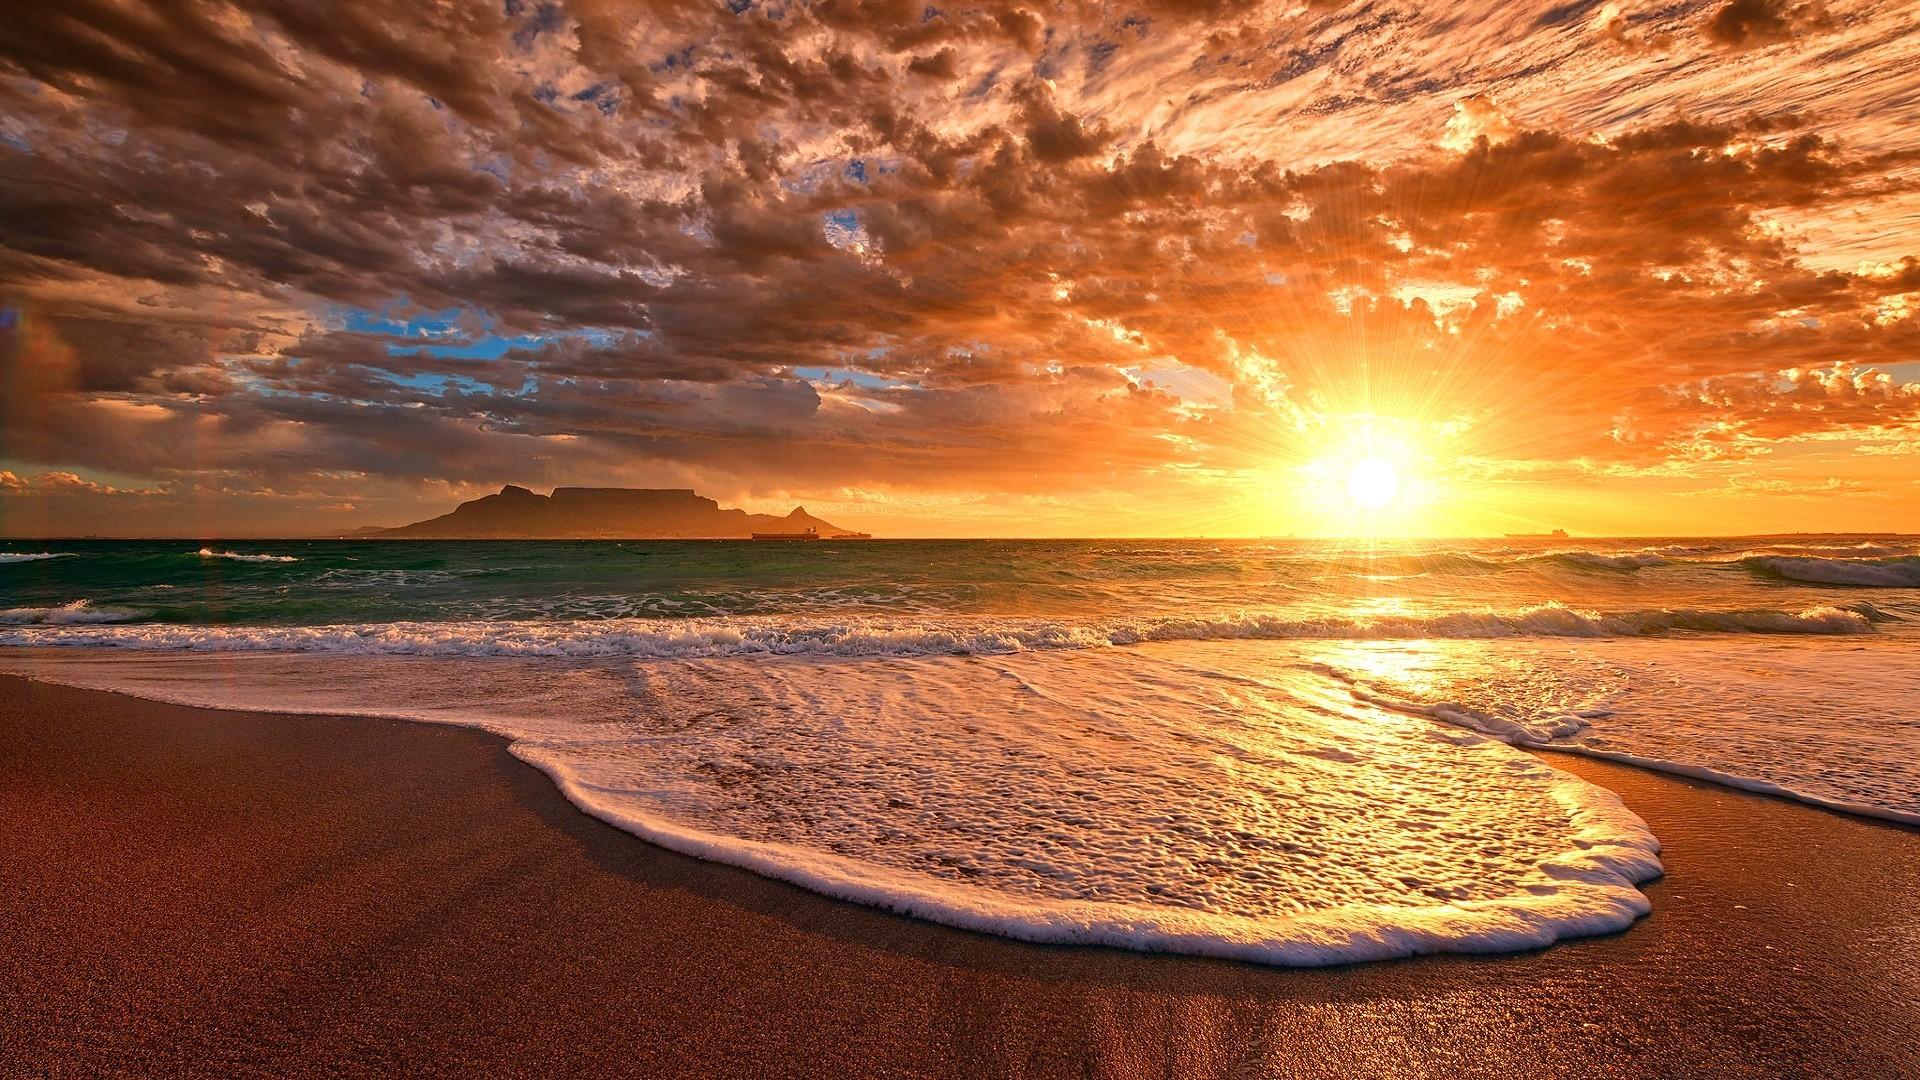 картинка закат океан все это летит